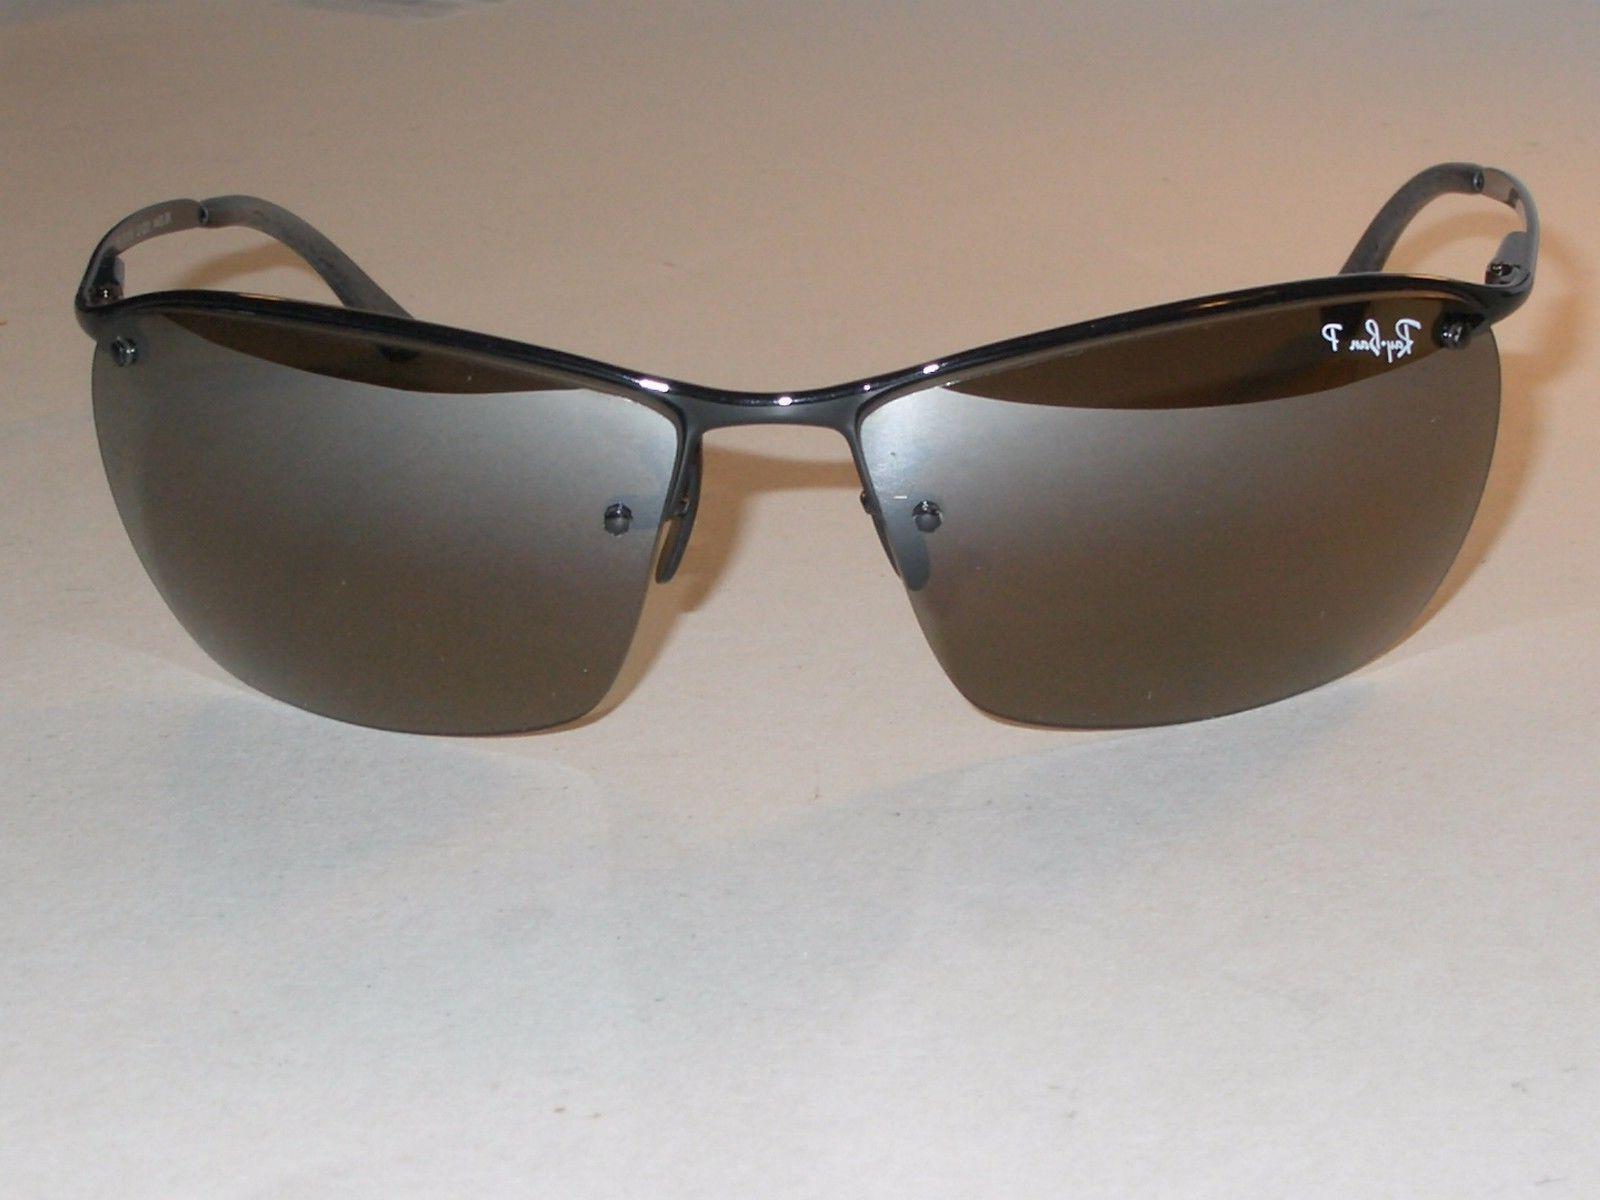 ray ban chromance metal frame grey lens sunglasses rb3544